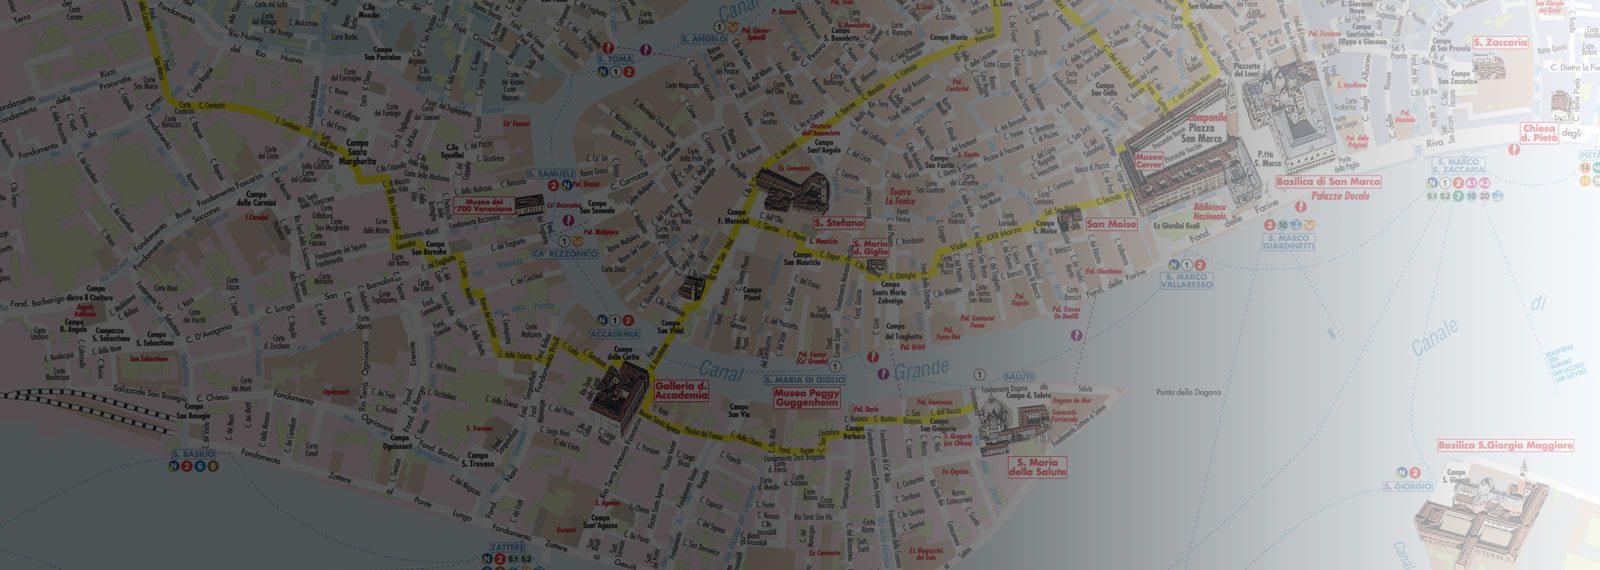 Cartina Turistica Di Venezia.Mappa Di Venezia Pdf Vettoriale Con Monumenti 3d Edimap